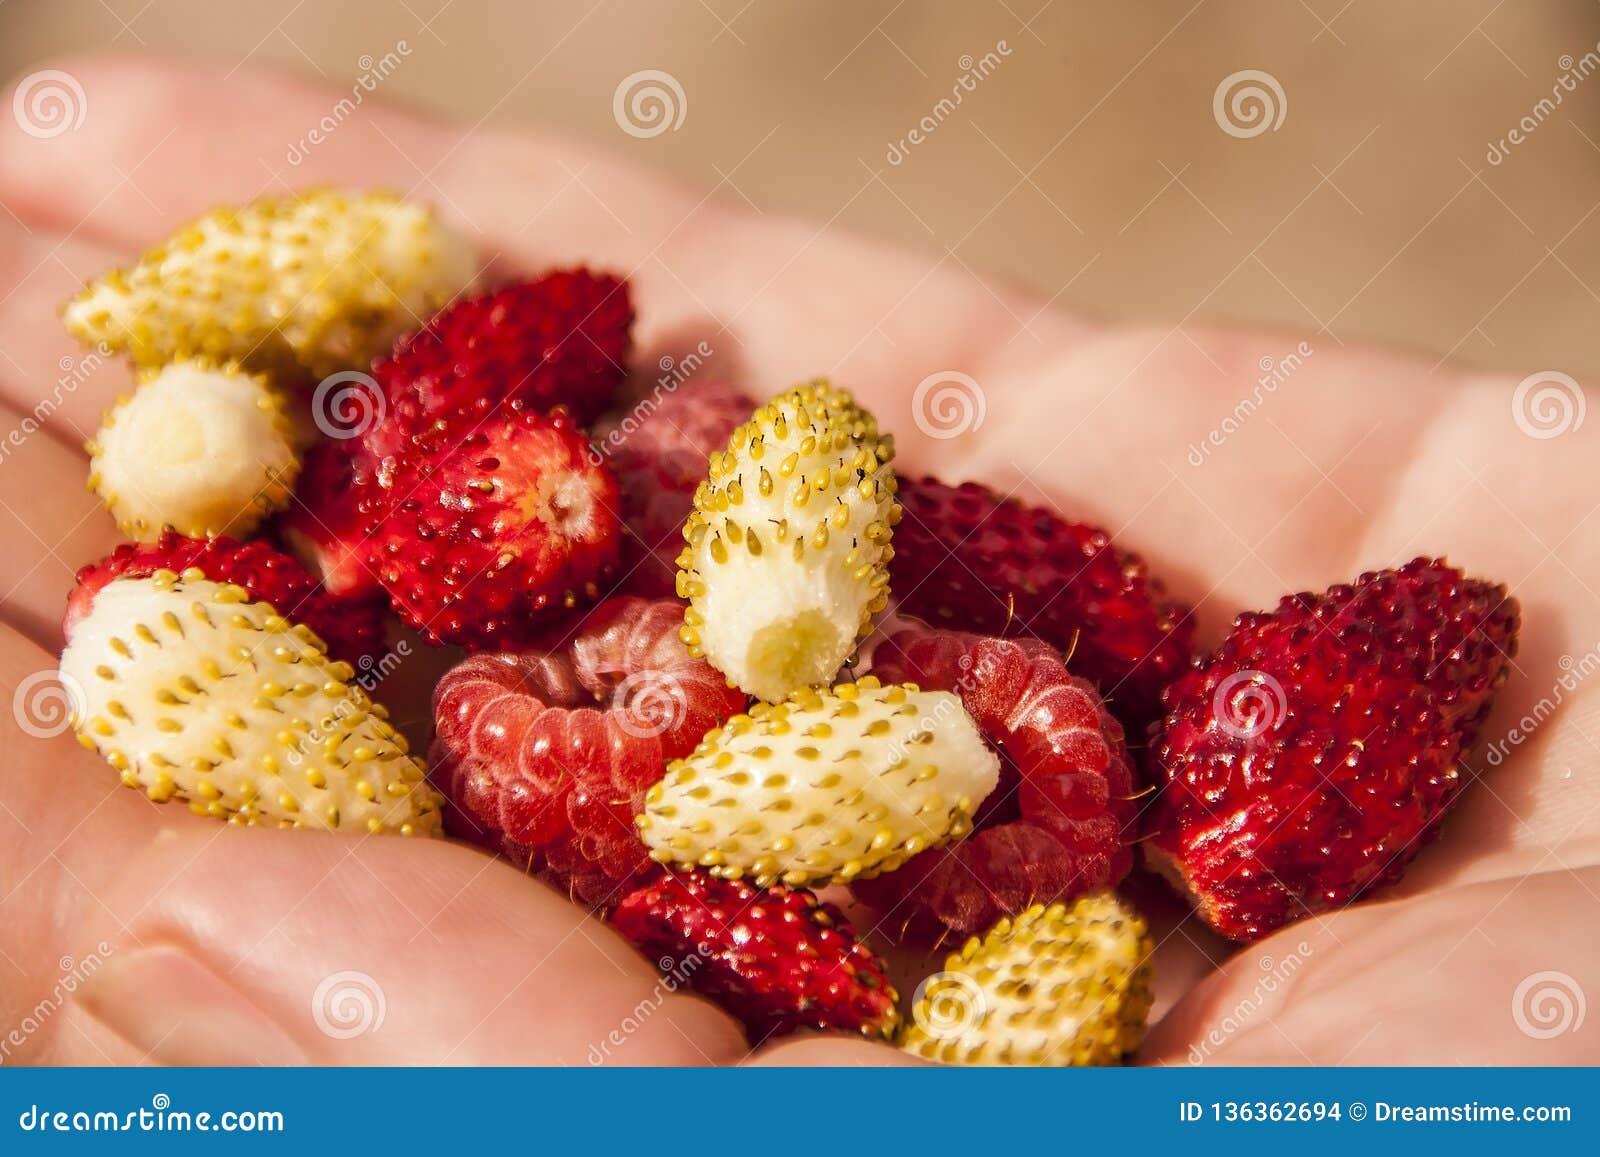 Пригорошня ягод в руке